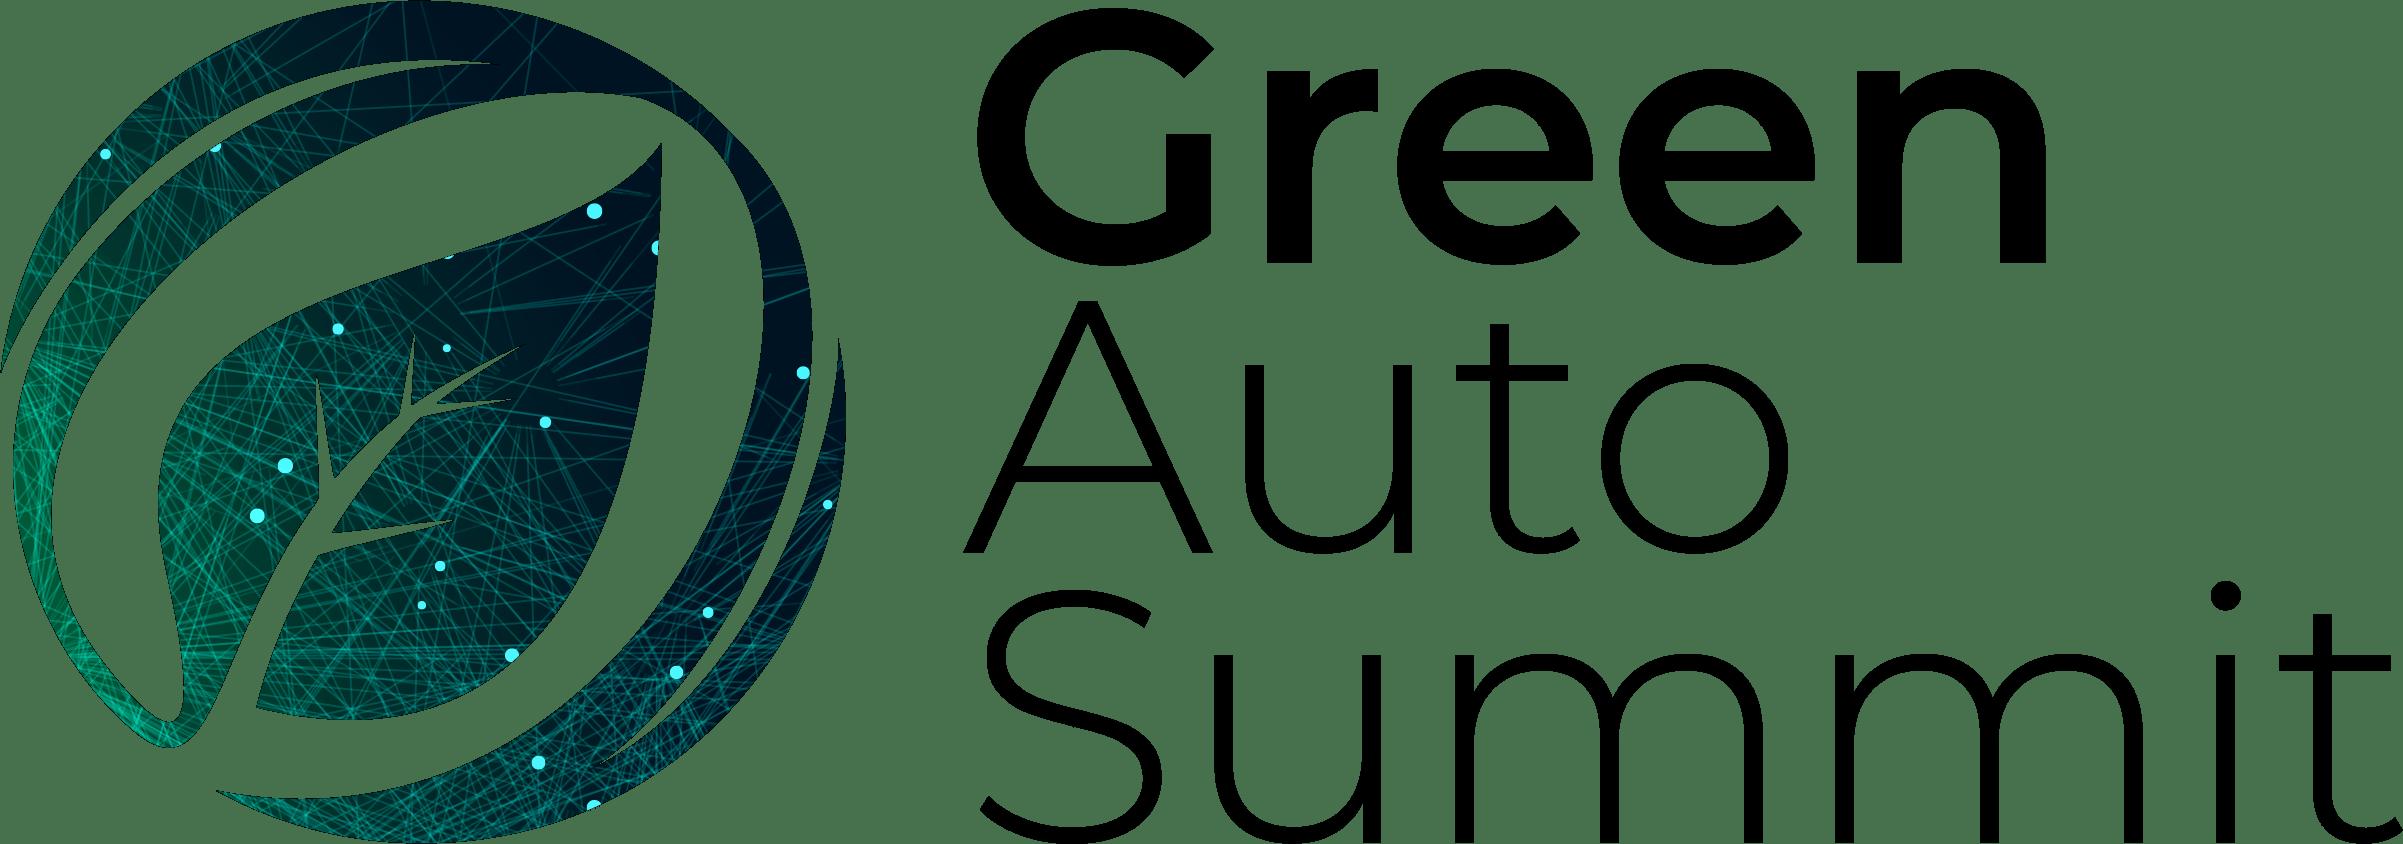 Green Auto Summit